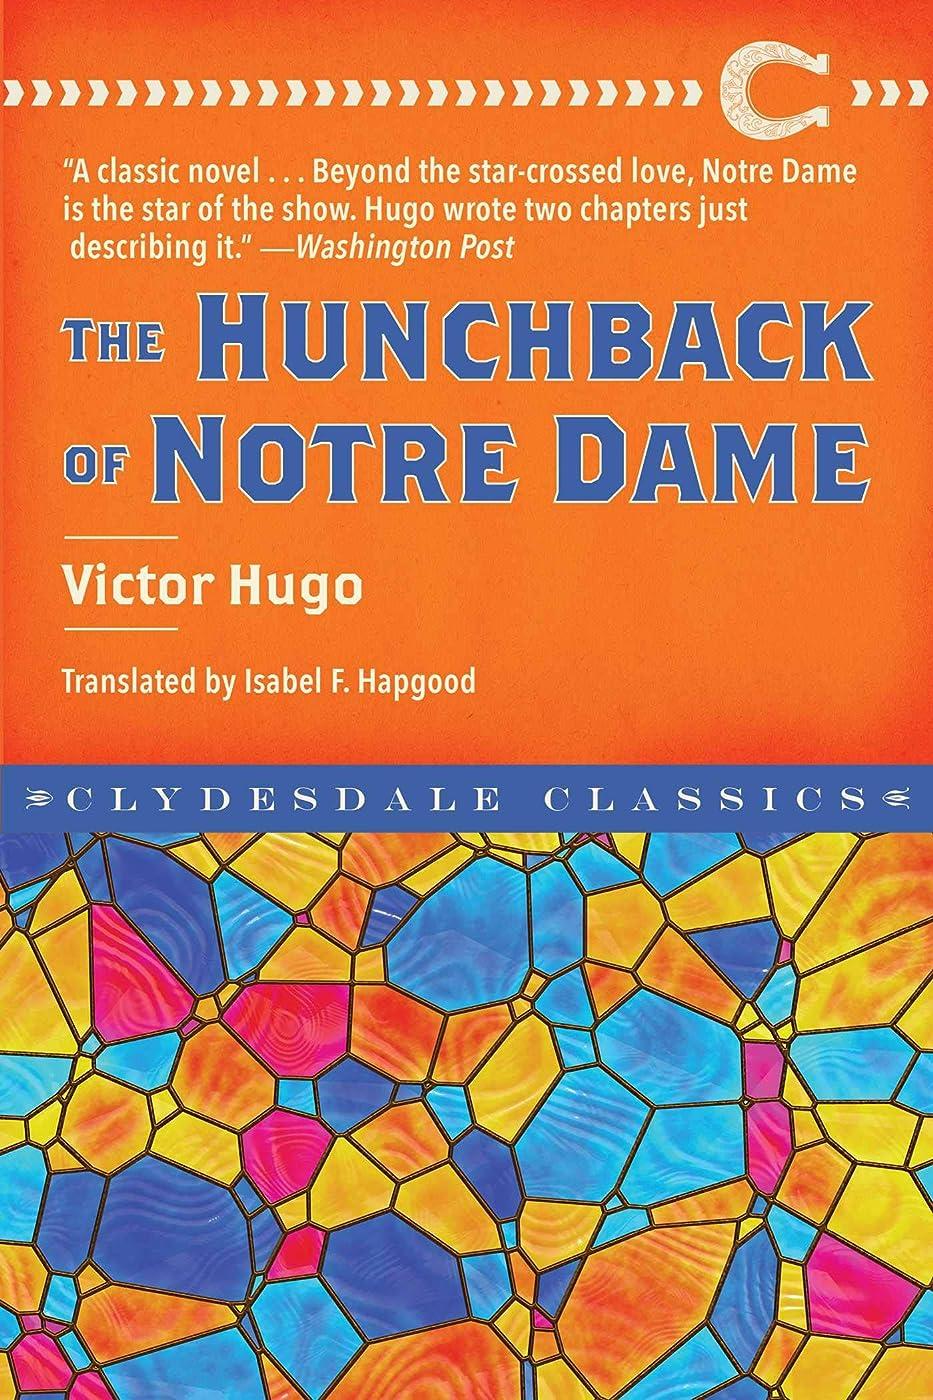 研磨剤ちなみに未払いThe Hunchback of Notre Dame (Clydesdale Classics) (English Edition)